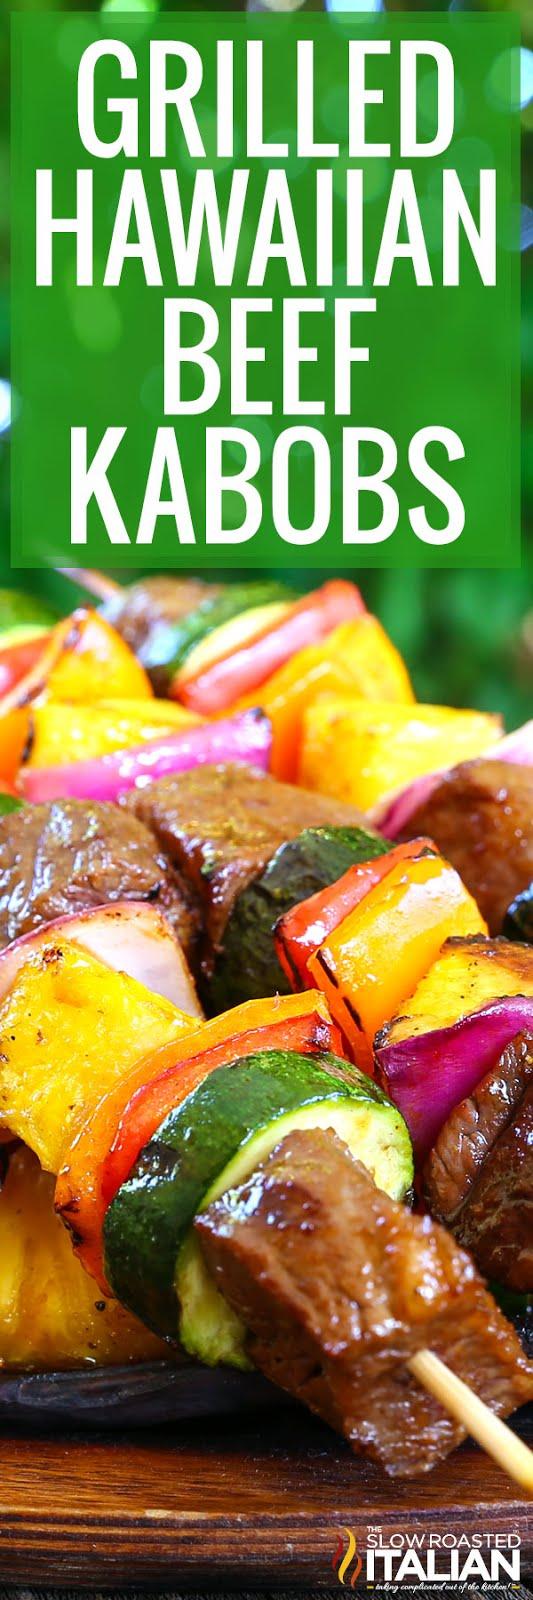 Kebab Recipe: Hawaiian Beef Skewers recommendations